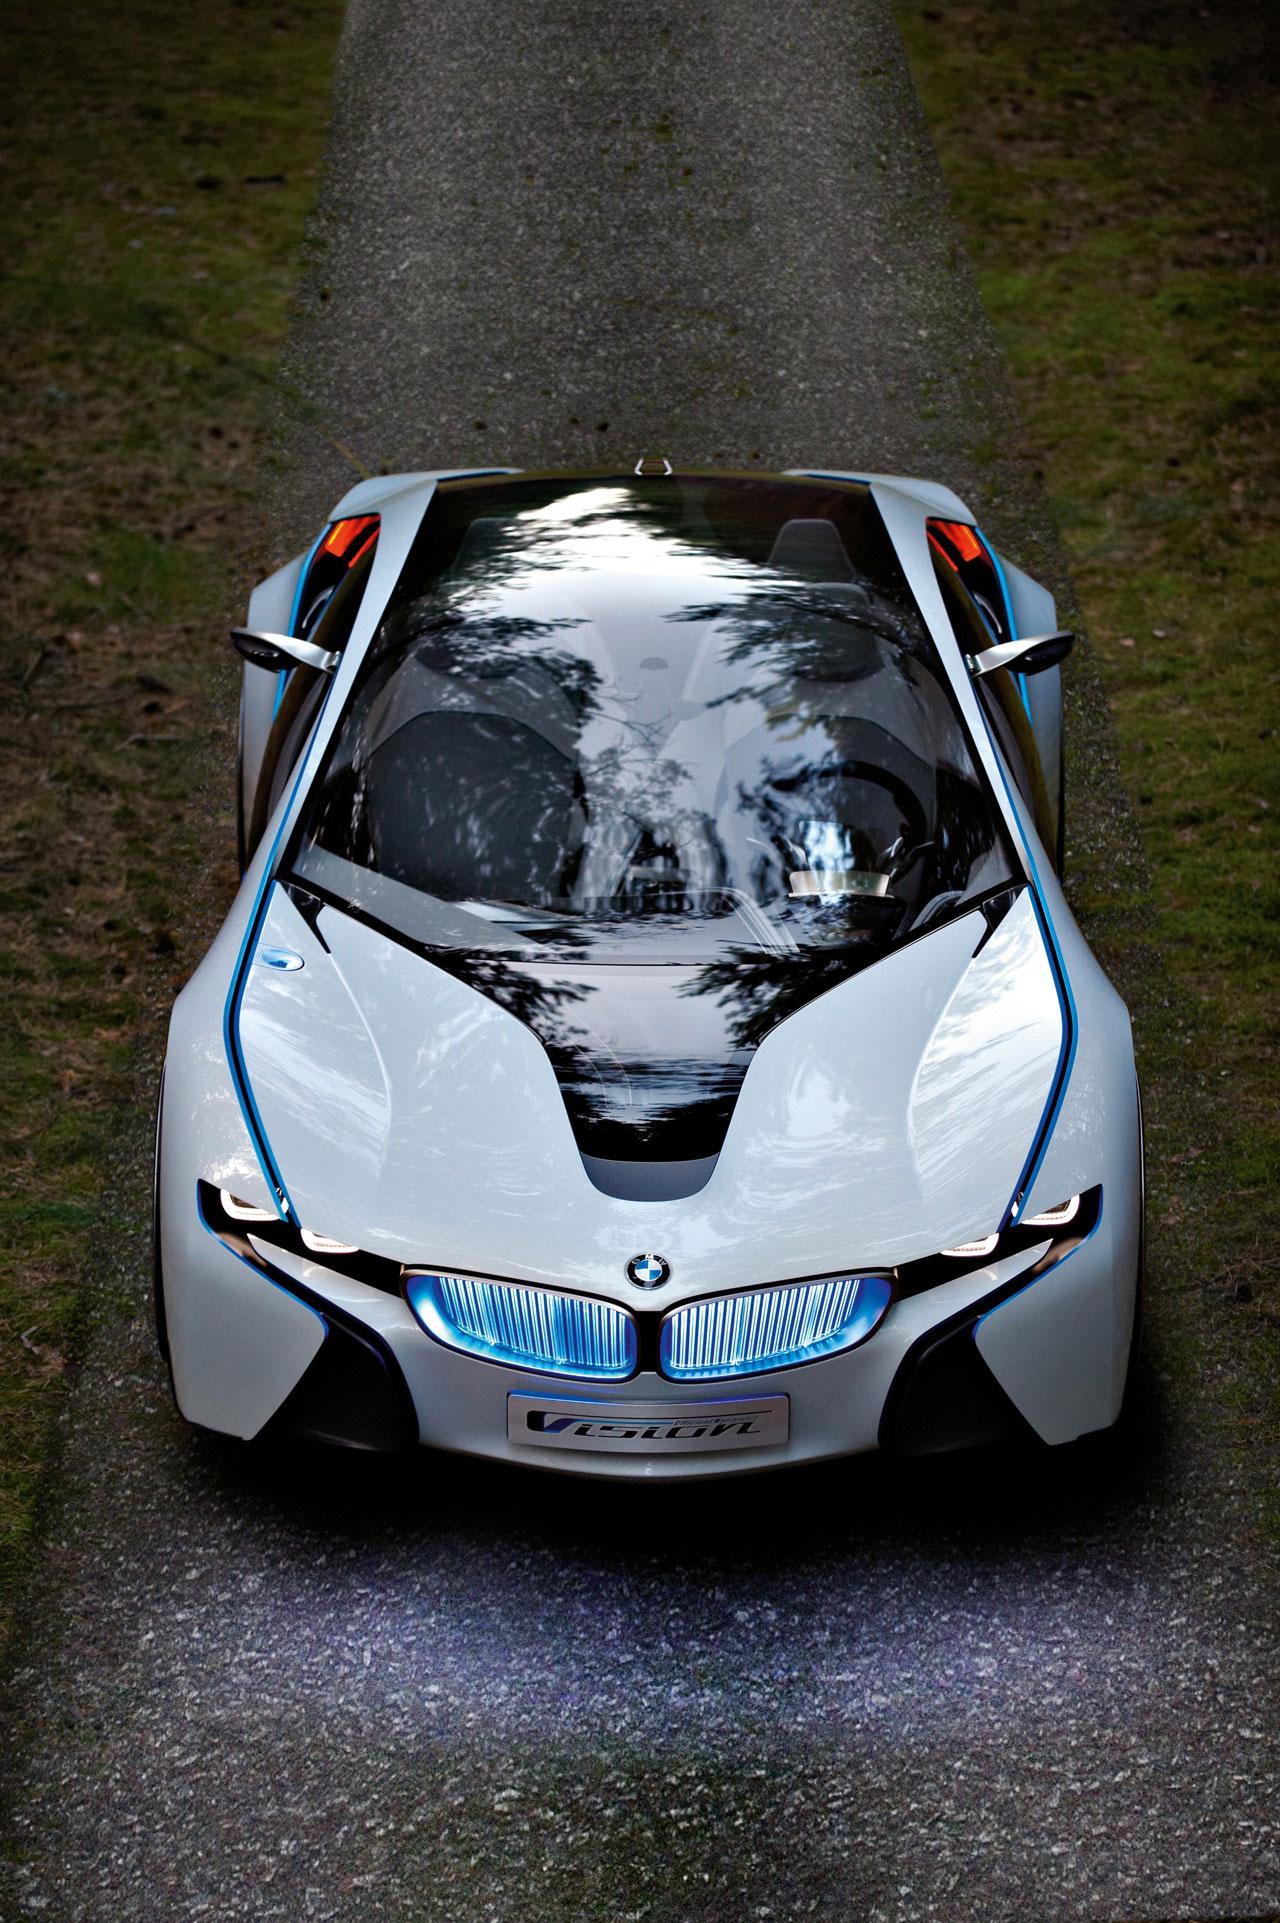 Salon de l'Auto 2011 - Autosalon 2011 - Geneve/Genf